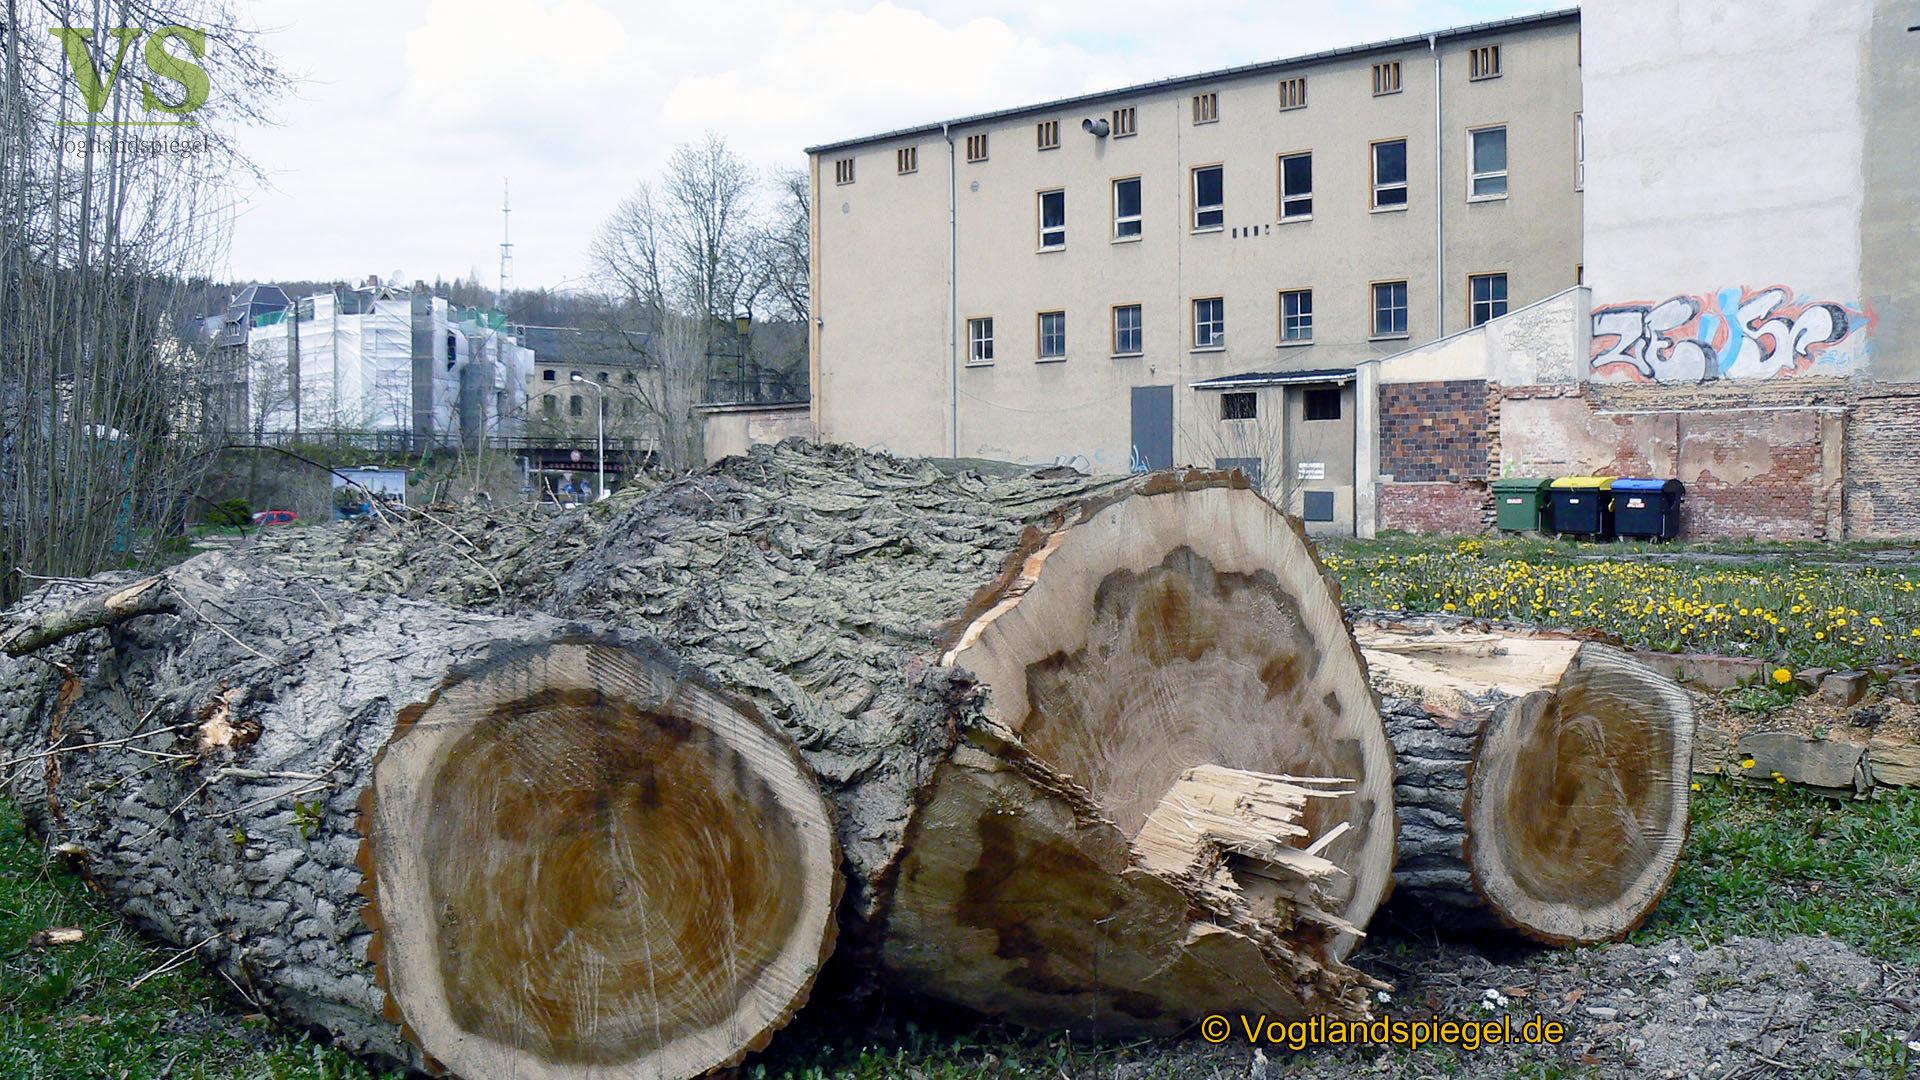 Vorbereitungen zum Bau einer neuen Stadthalle in Greiz